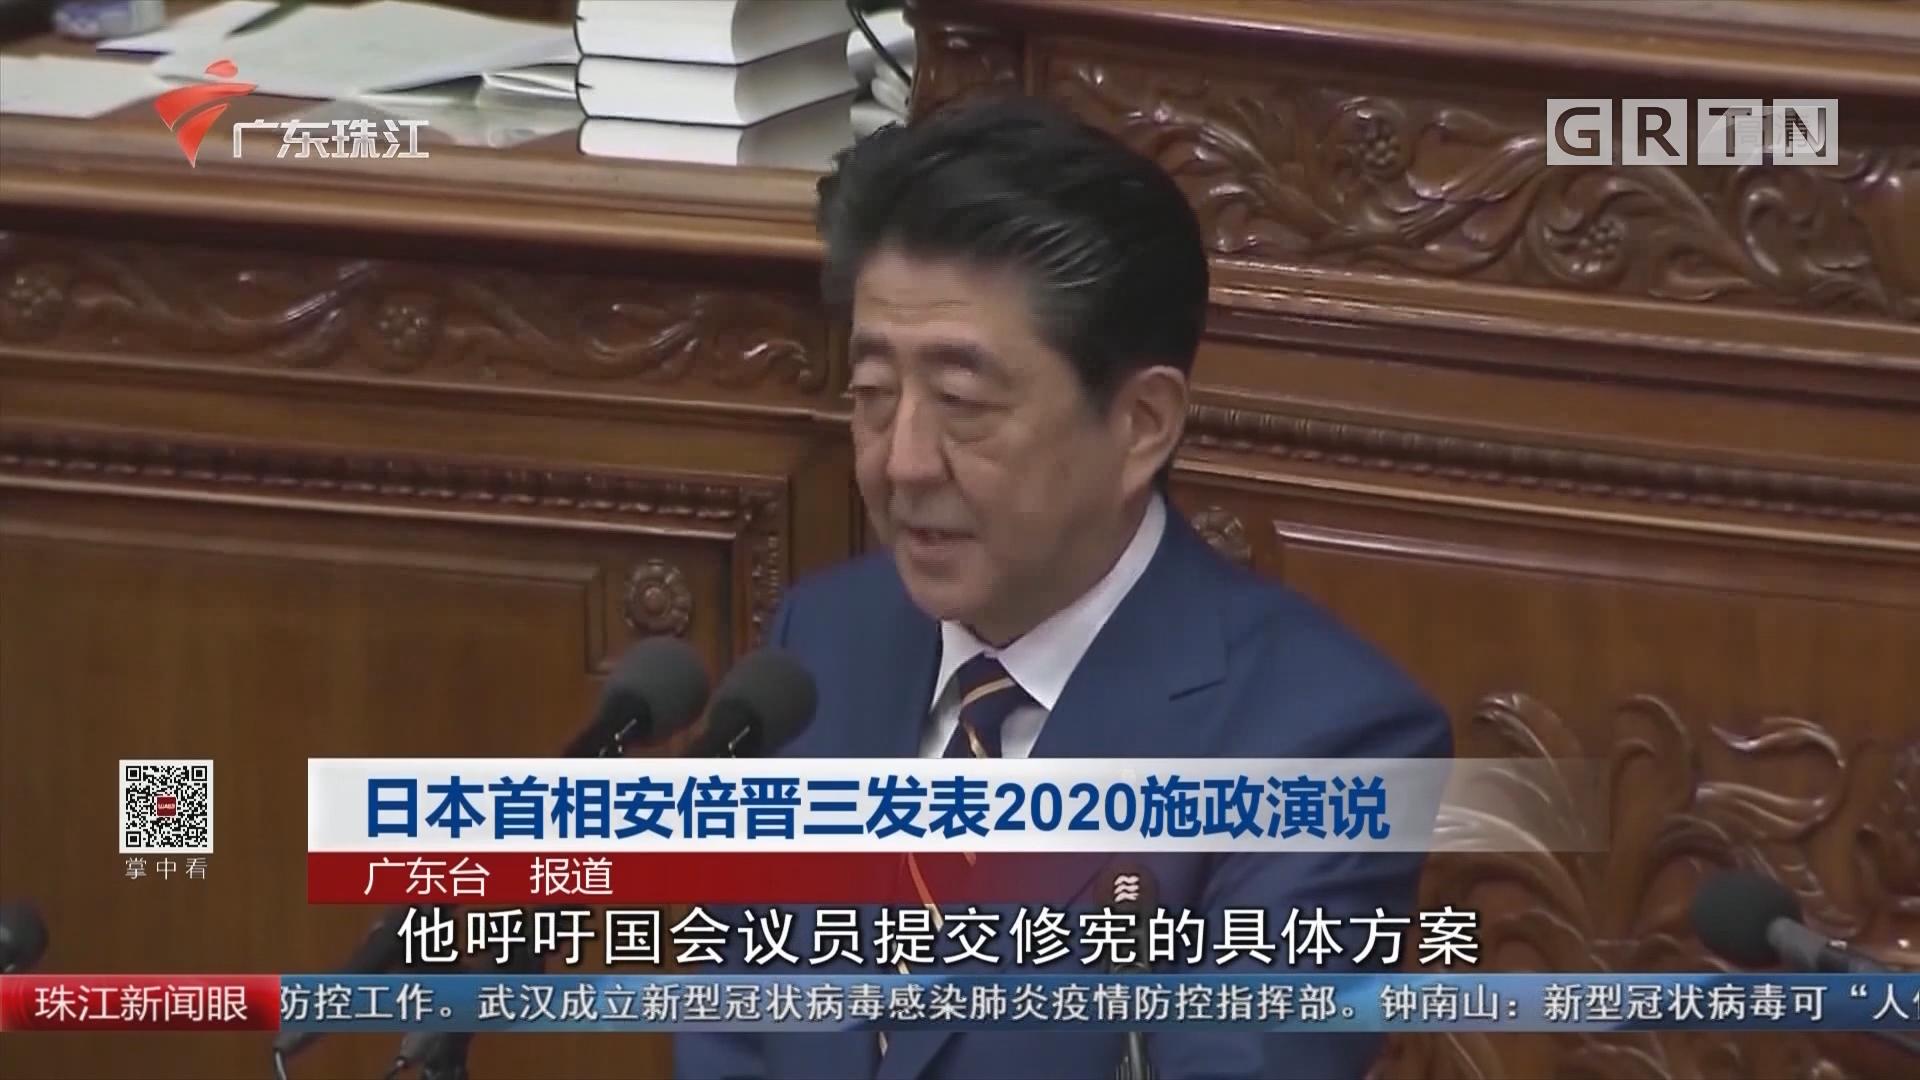 日本首相安倍晉三發表2020施政演說